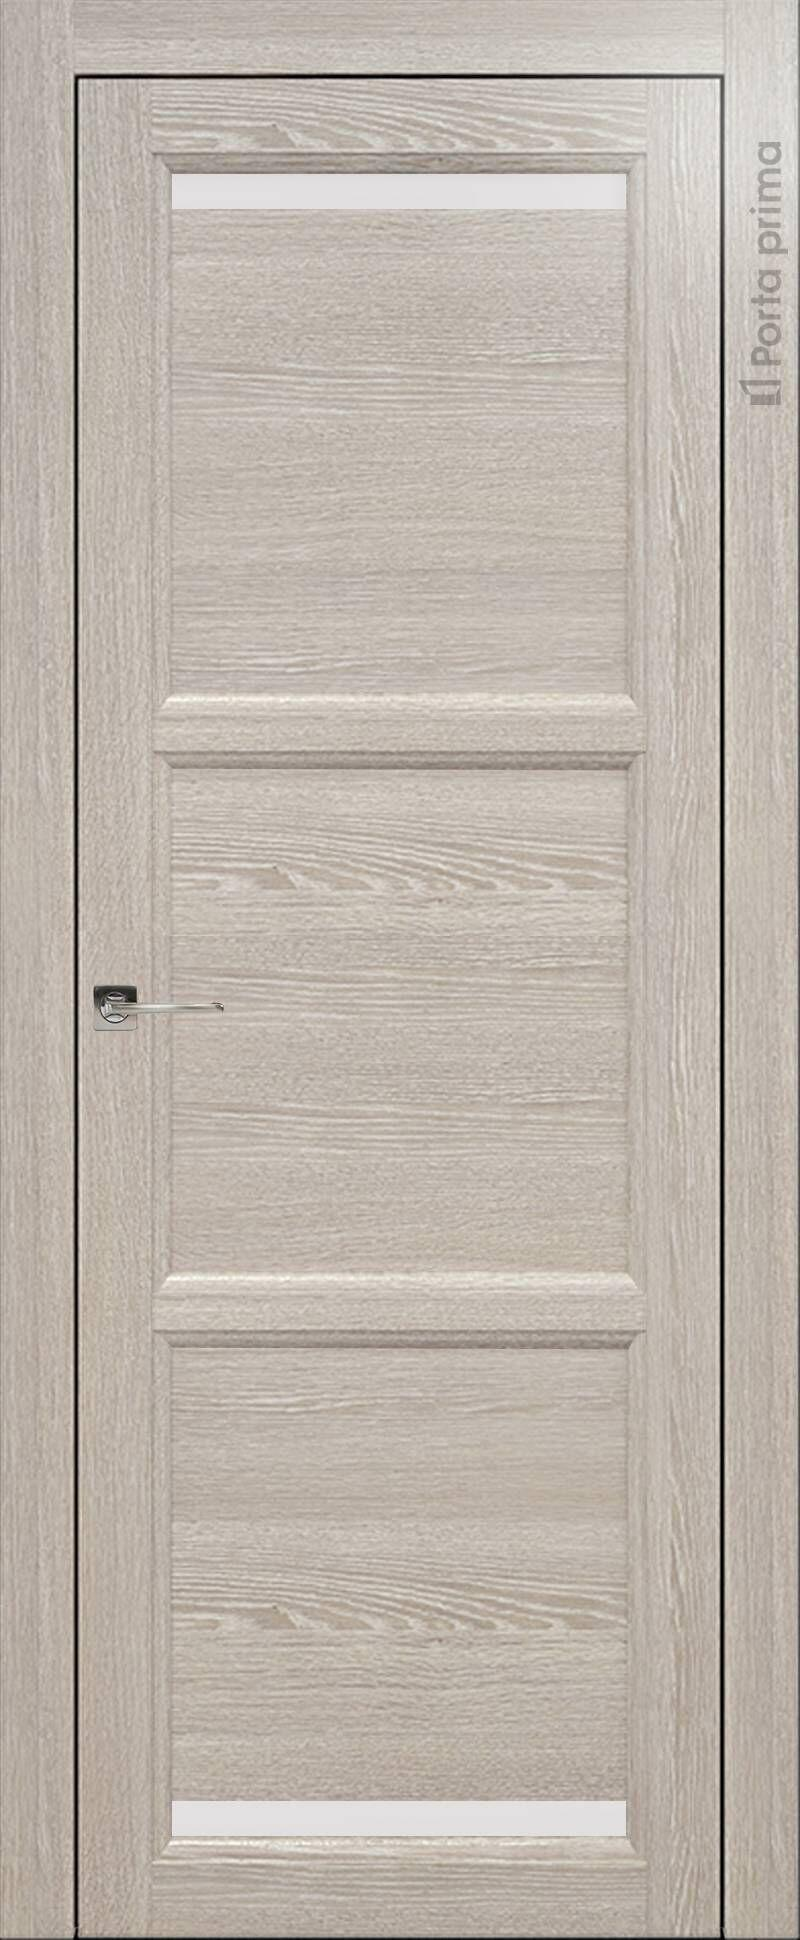 Sorrento-R Ж2 цвет - Серый дуб Без стекла (ДГ)